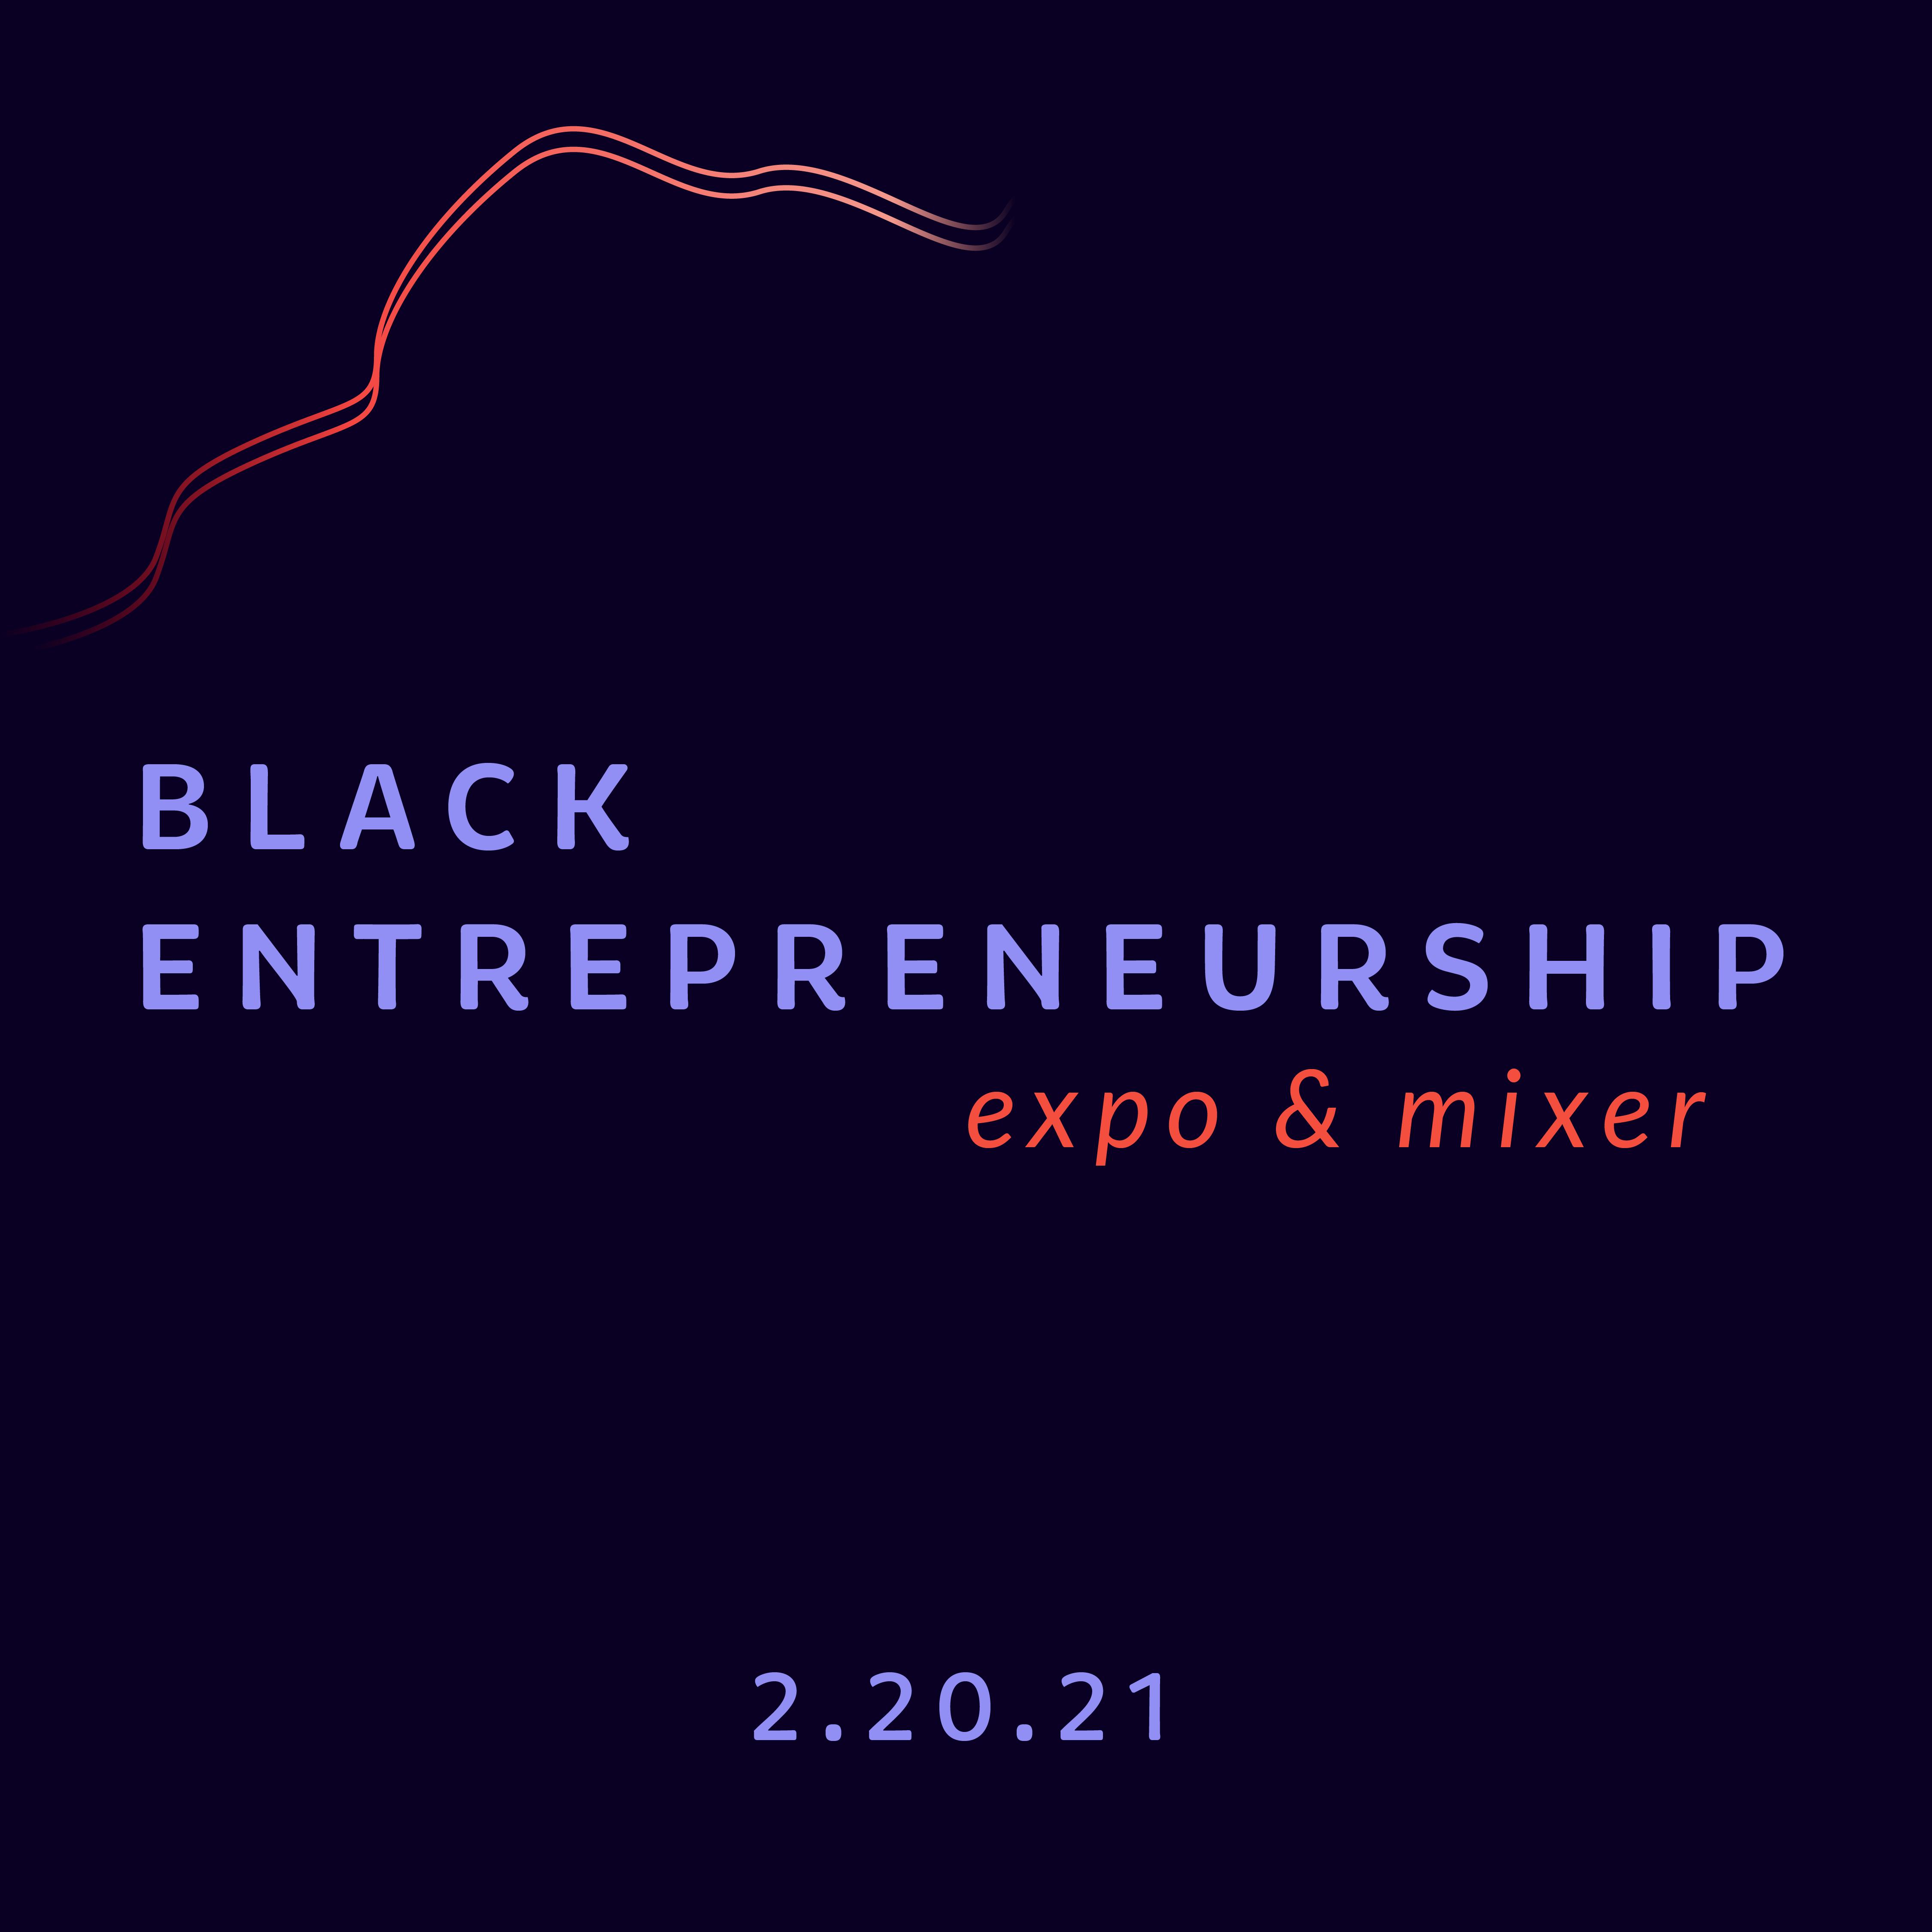 Black Entrepreneur Expo & Mixer 2021 Press Release